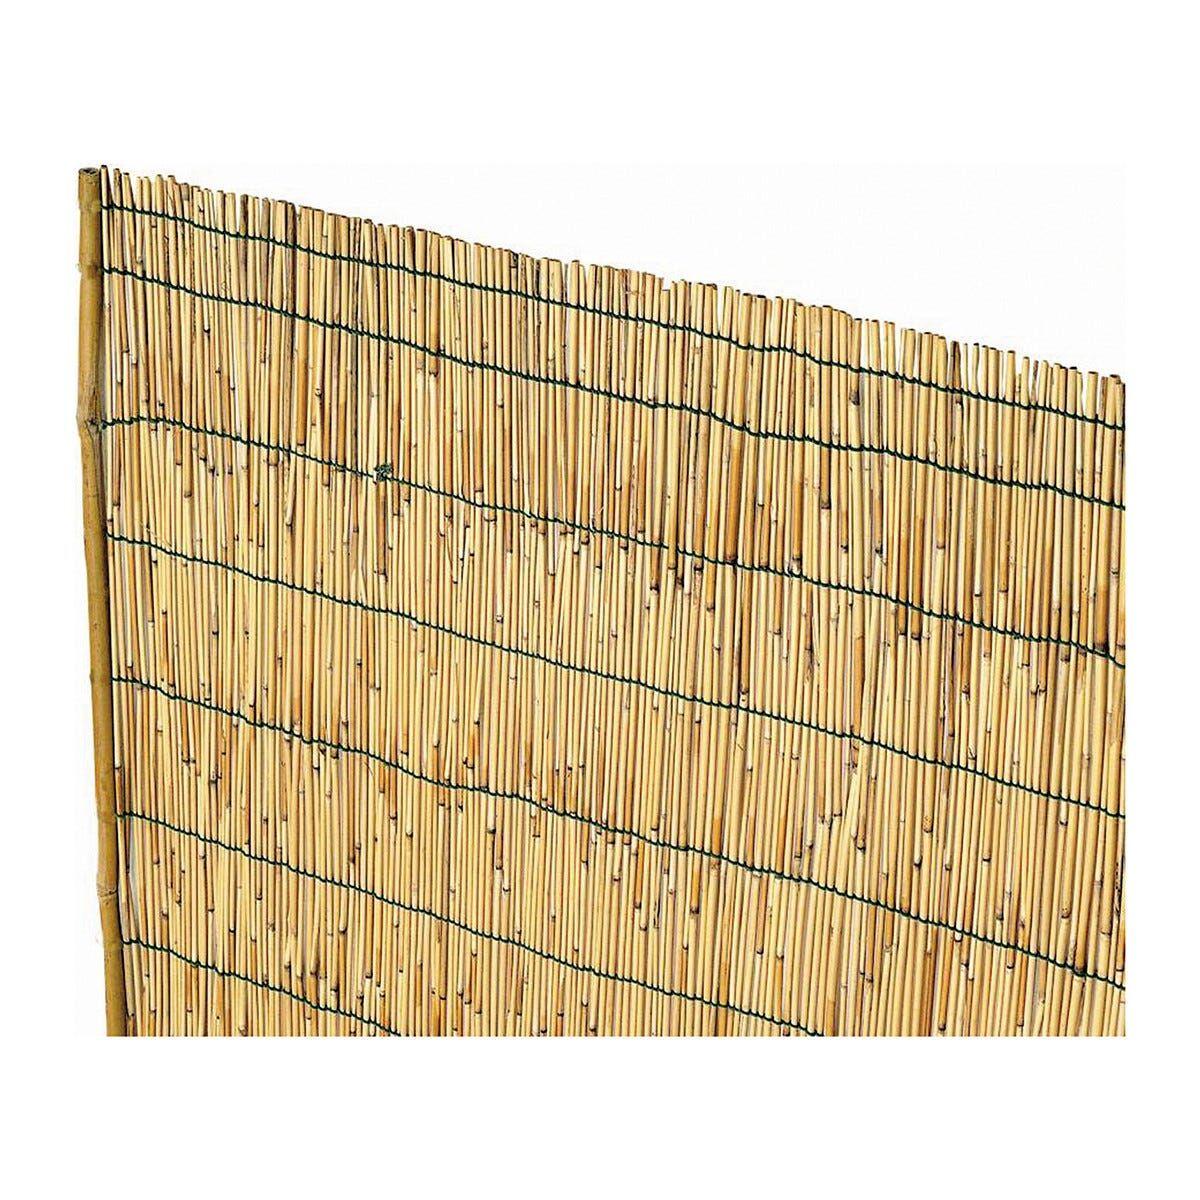 Arella In Cannette Di Bambu' Pelato 1x5m Ø Circa 4-5 Mm Con Filo Nylon Prodotto Naturale